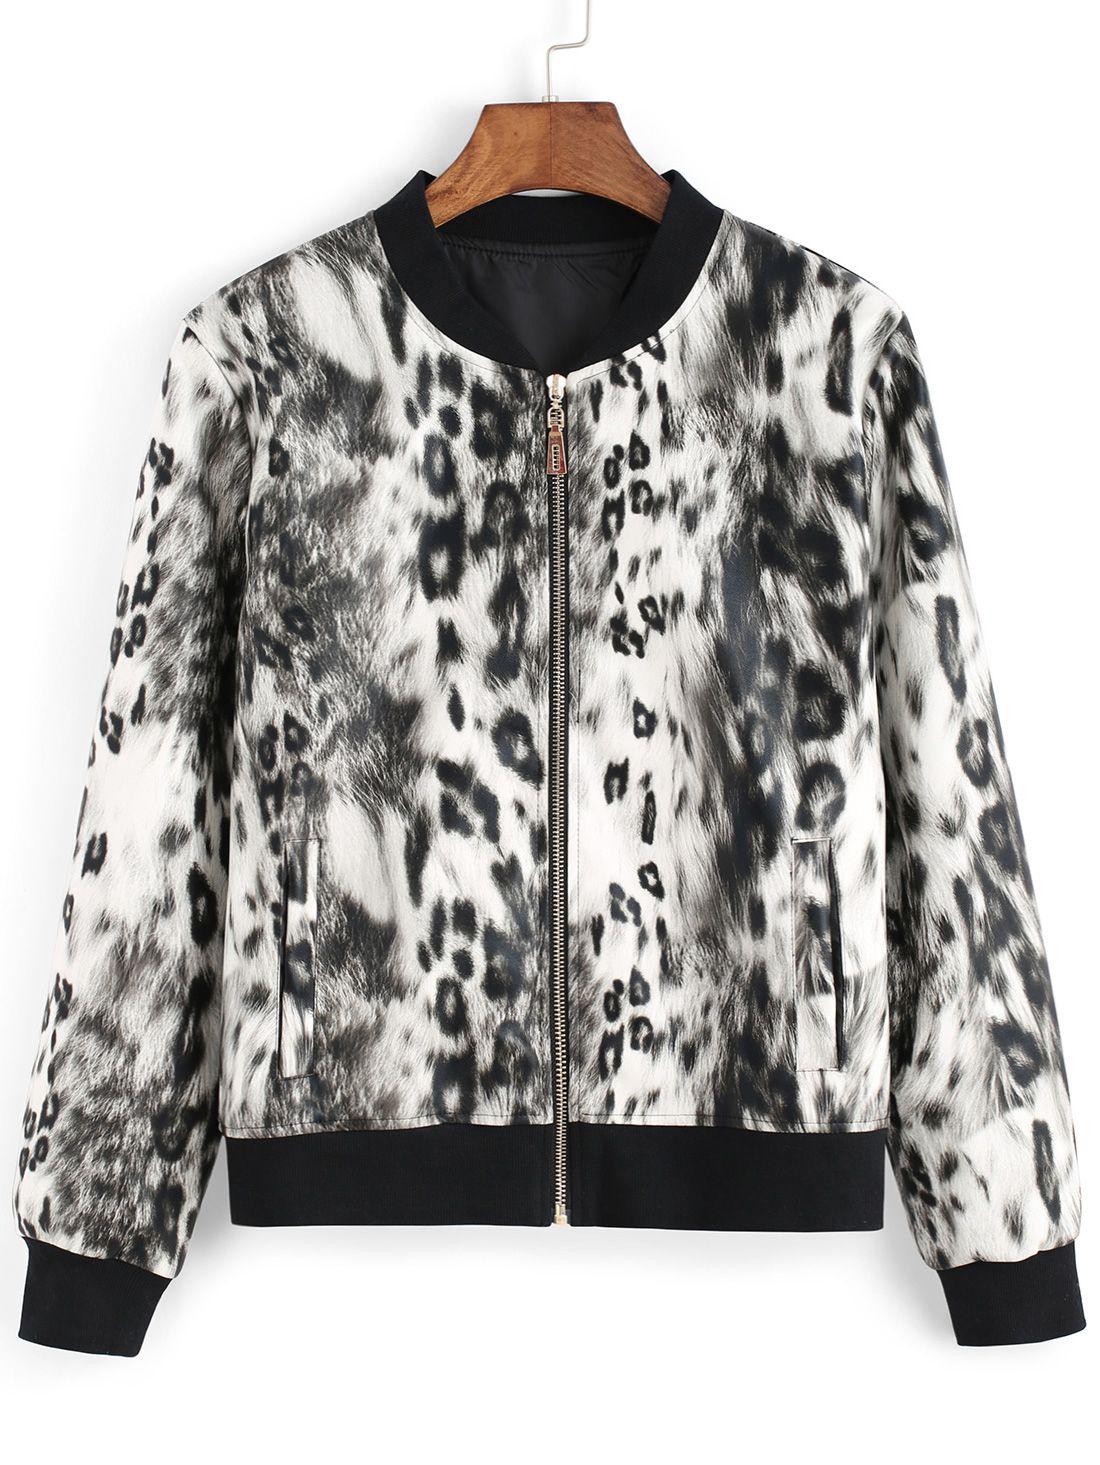 kurzer Mantel mit Leomuster - schwarz und weiß 26.06